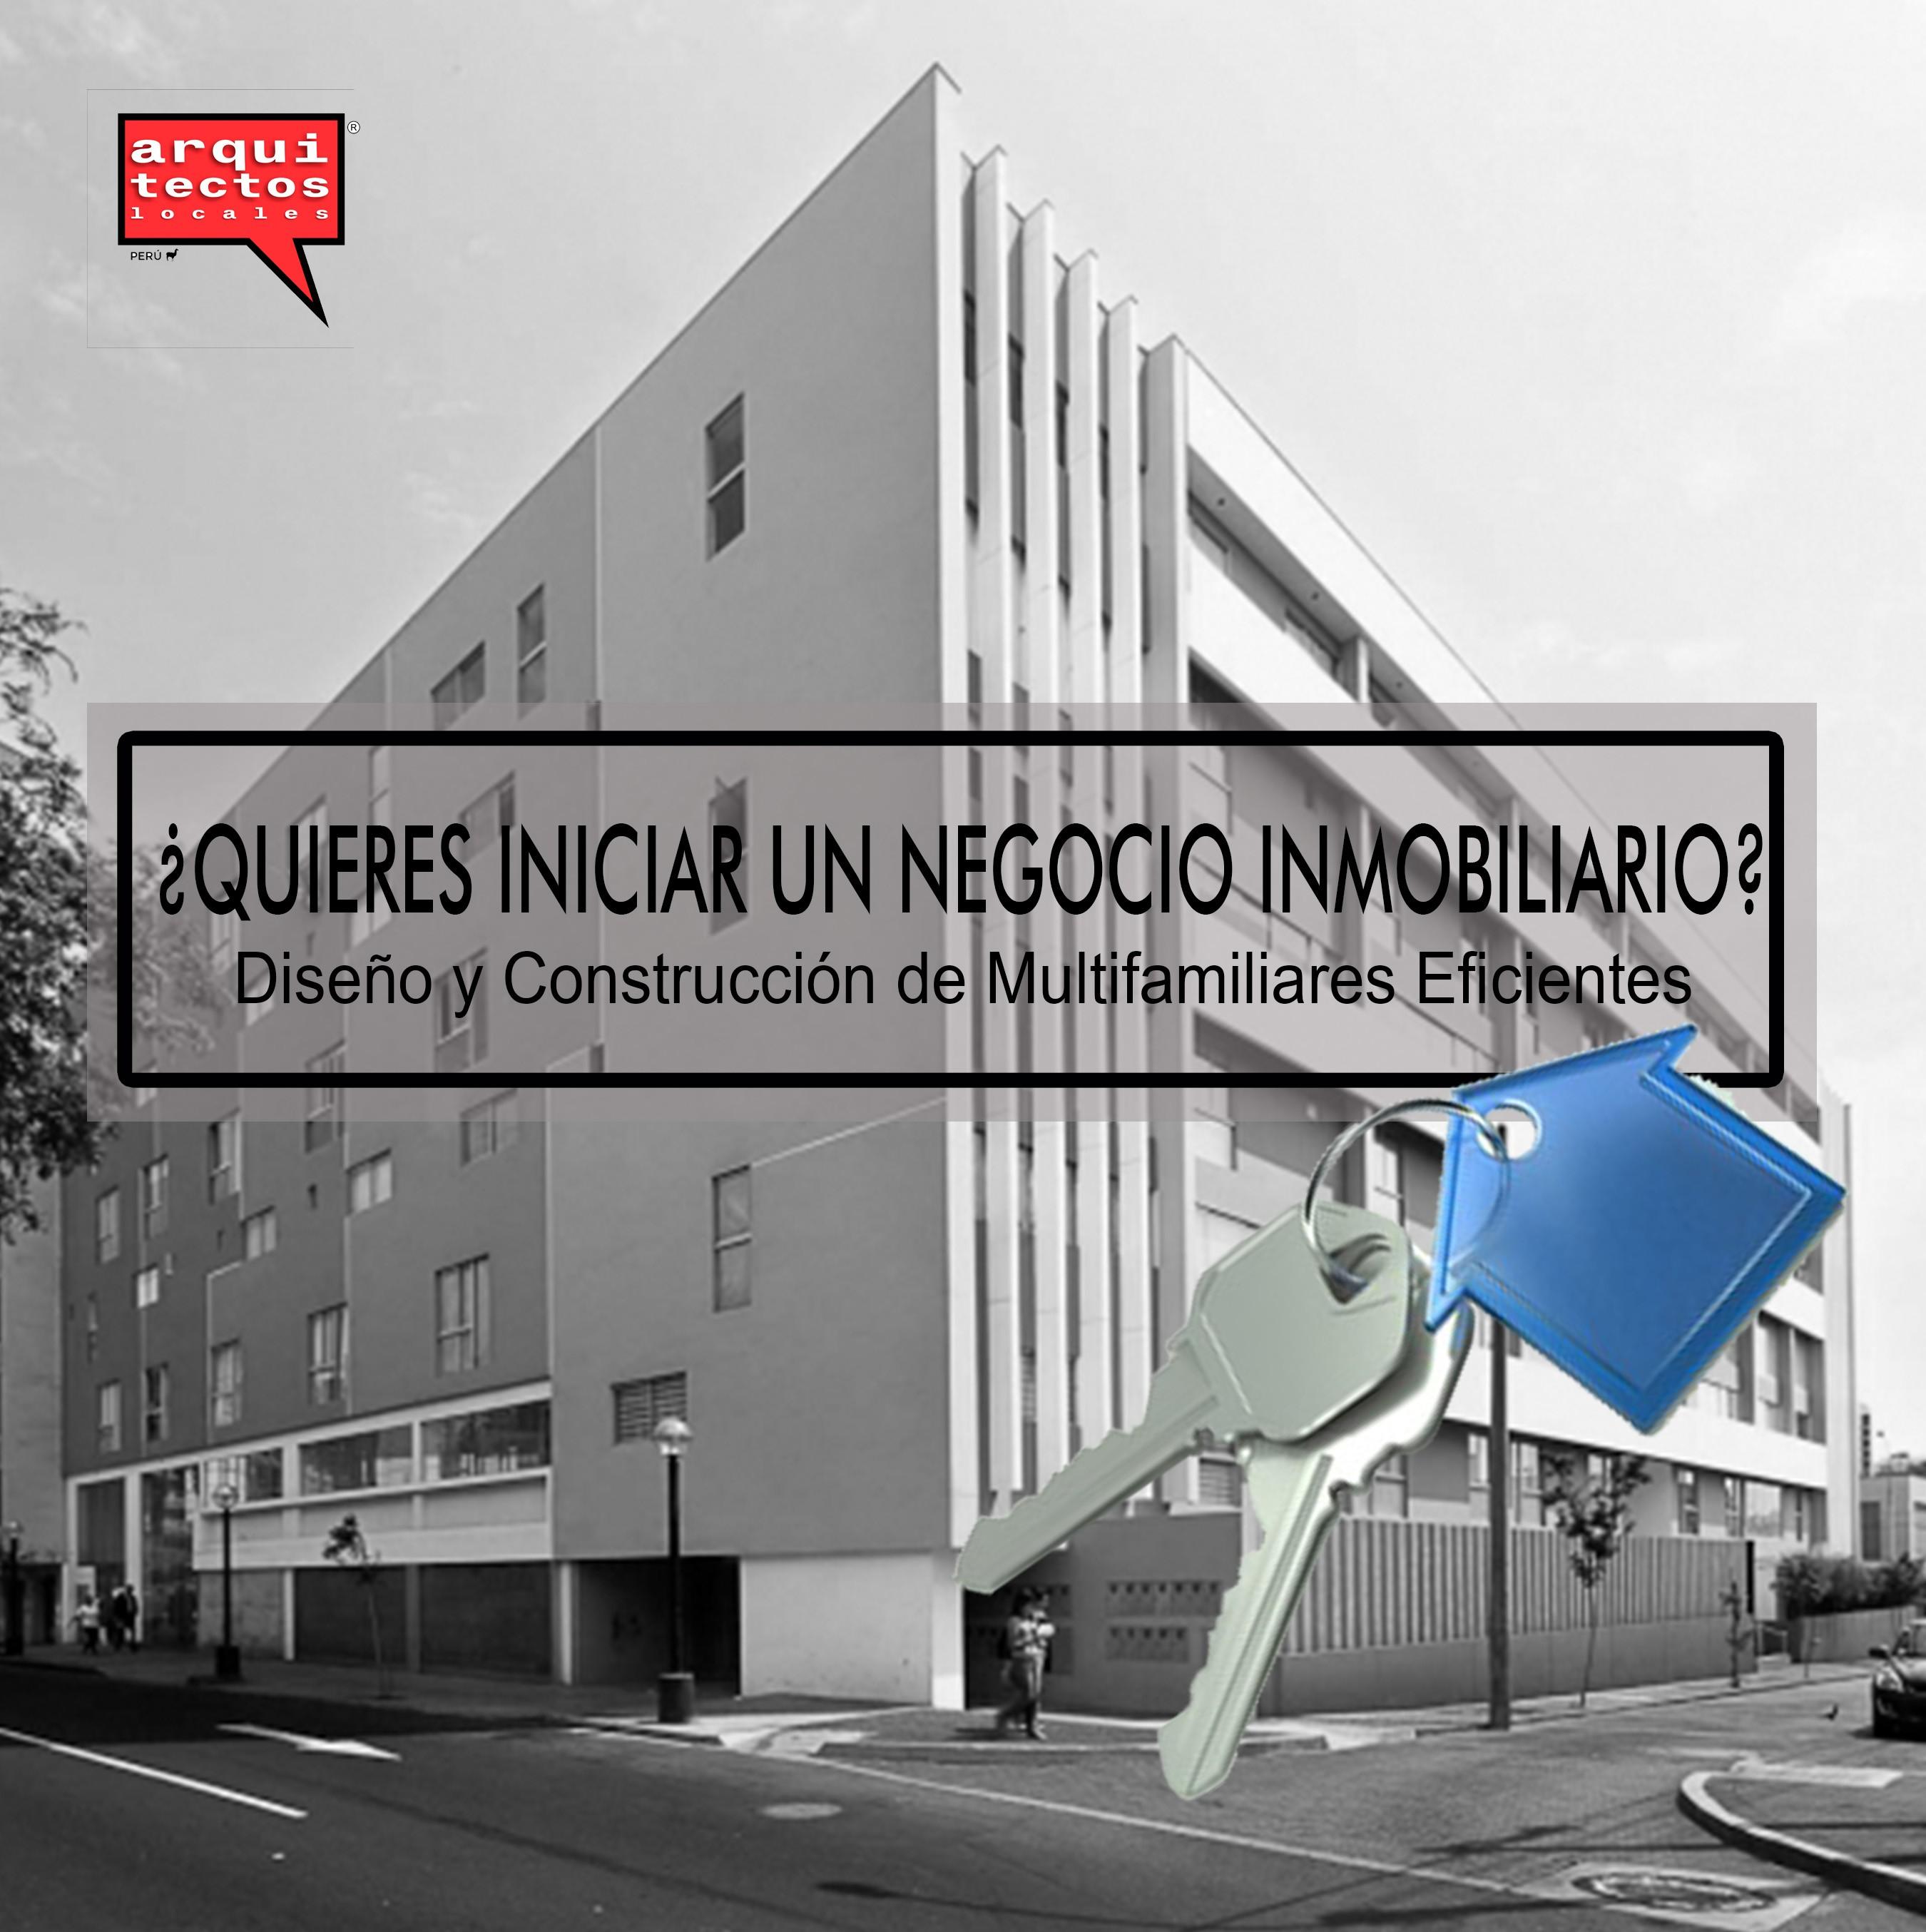 Edificios Multifamiliares Eficientes